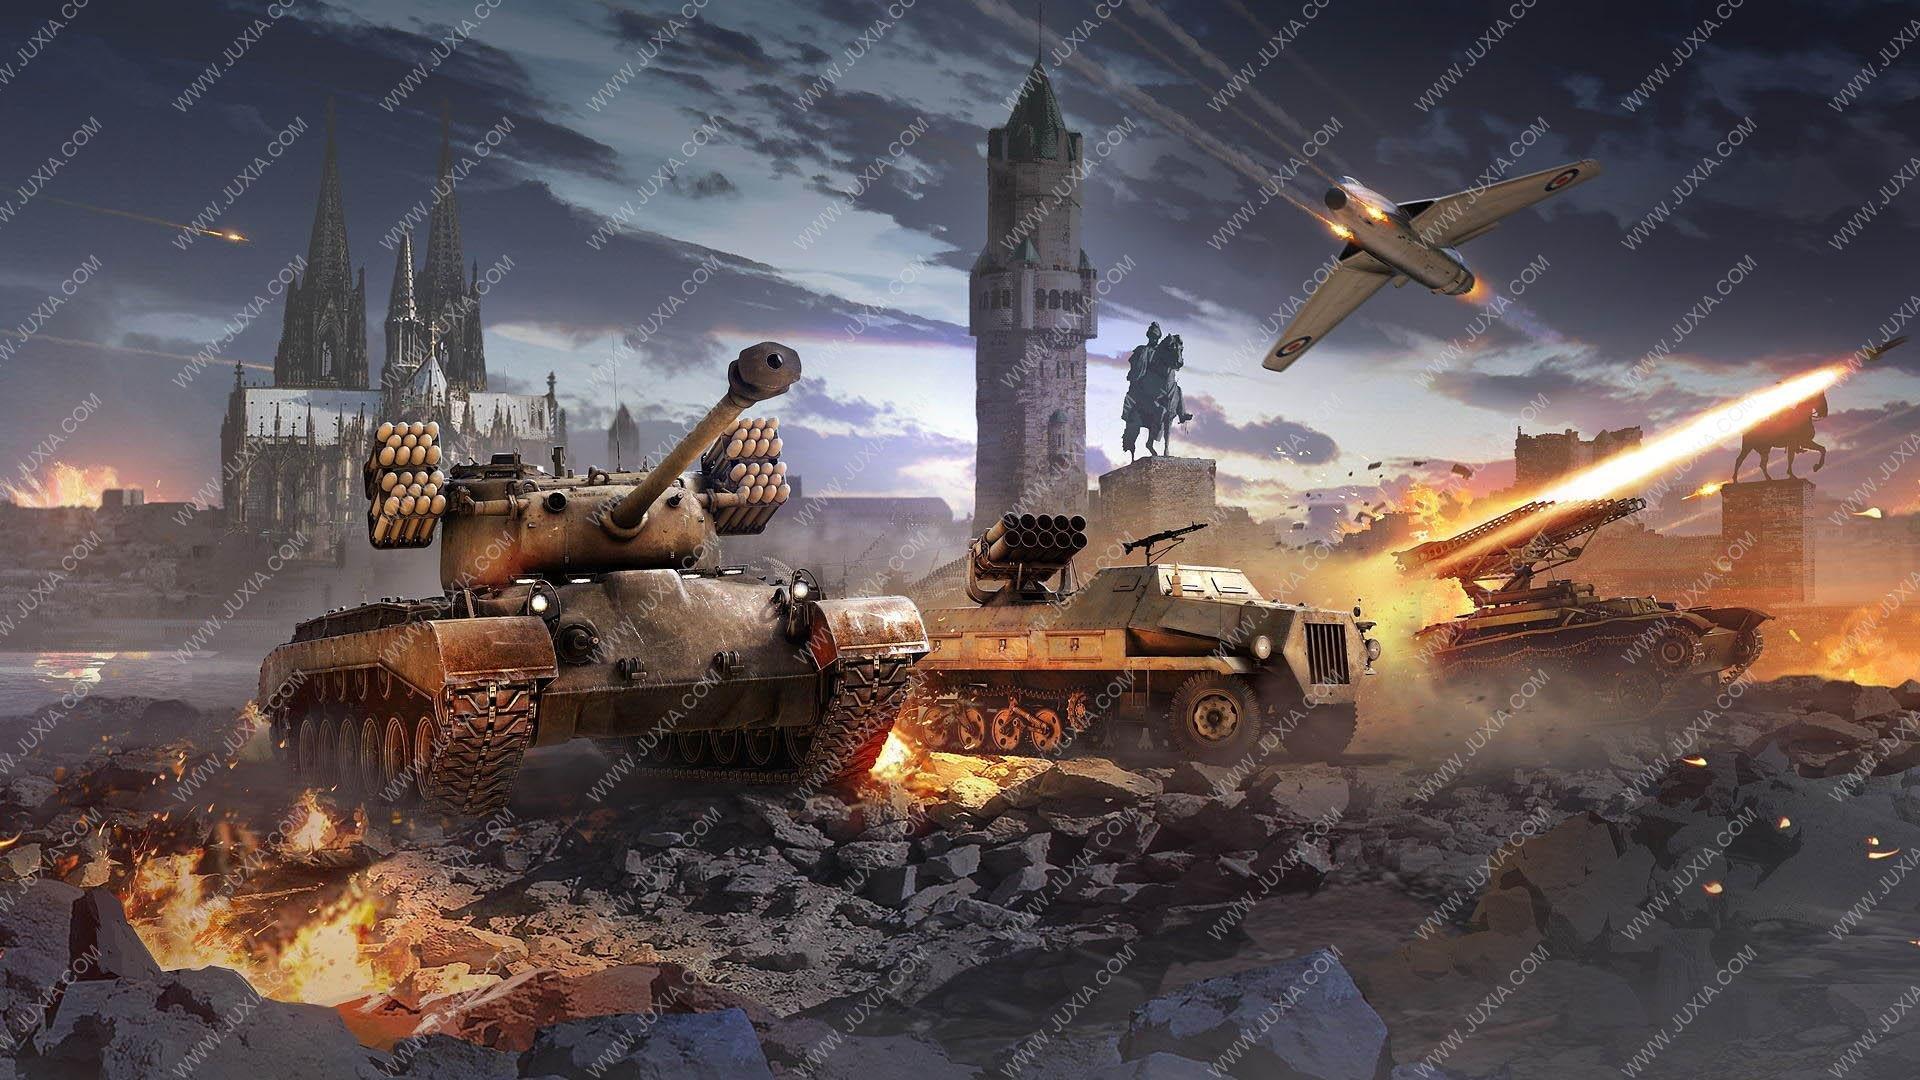 2021年了 战争雷霆还能入坑吗